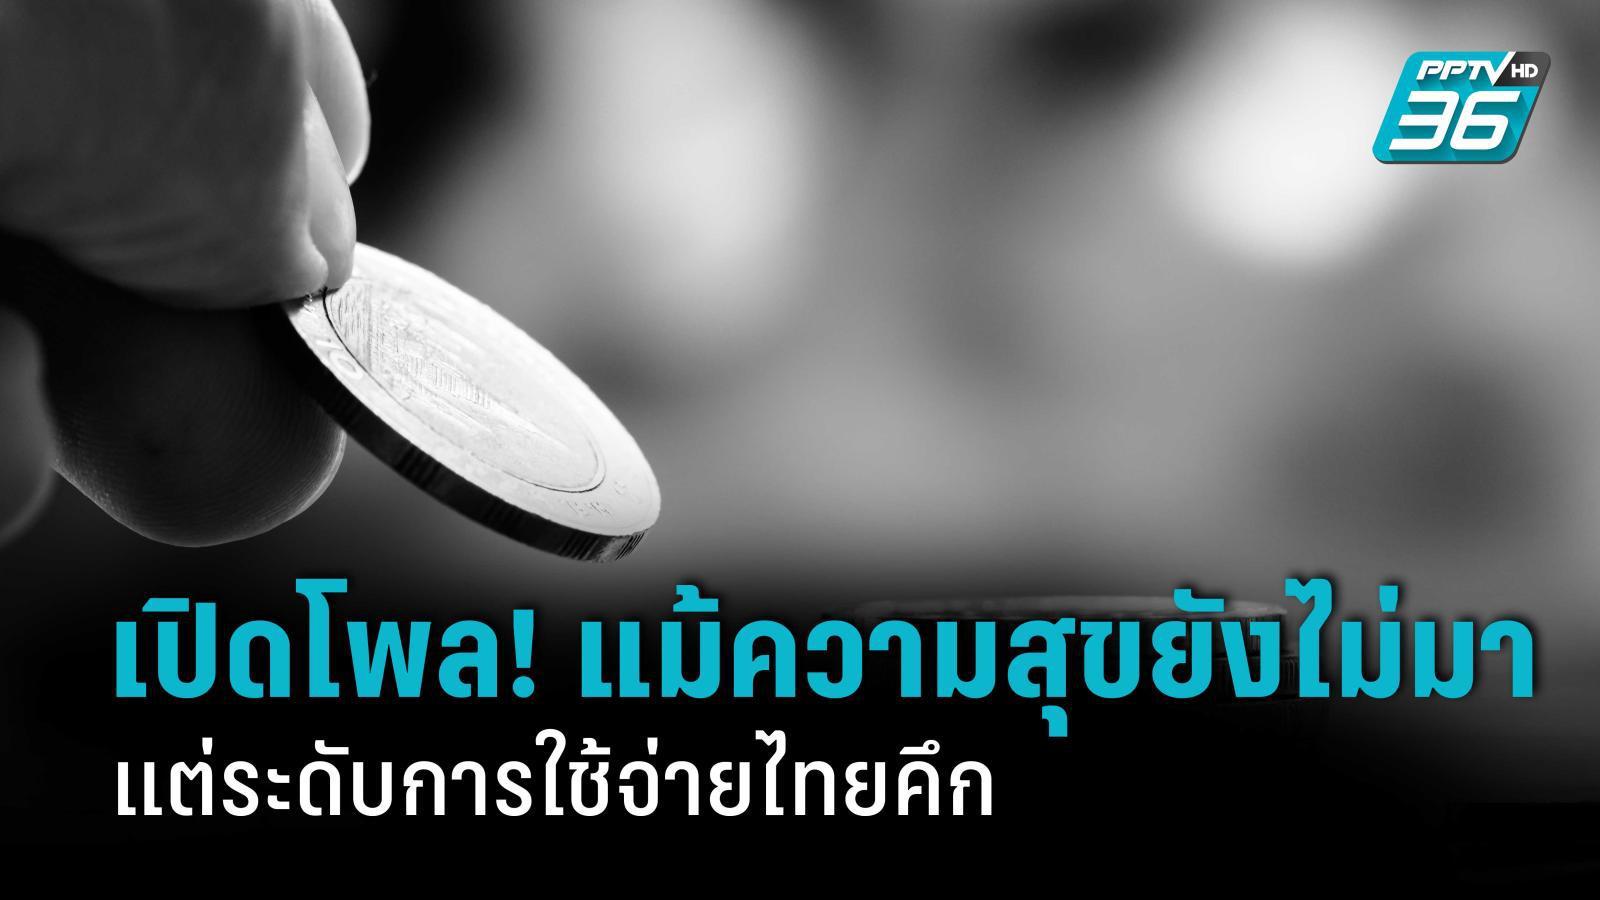 """""""ฮาคูโฮโด"""" เปิดโพล แม้ความสุขยังไม่คืนสู่คนไทย แต่ระดับการใช้จ่ายคึก!!"""